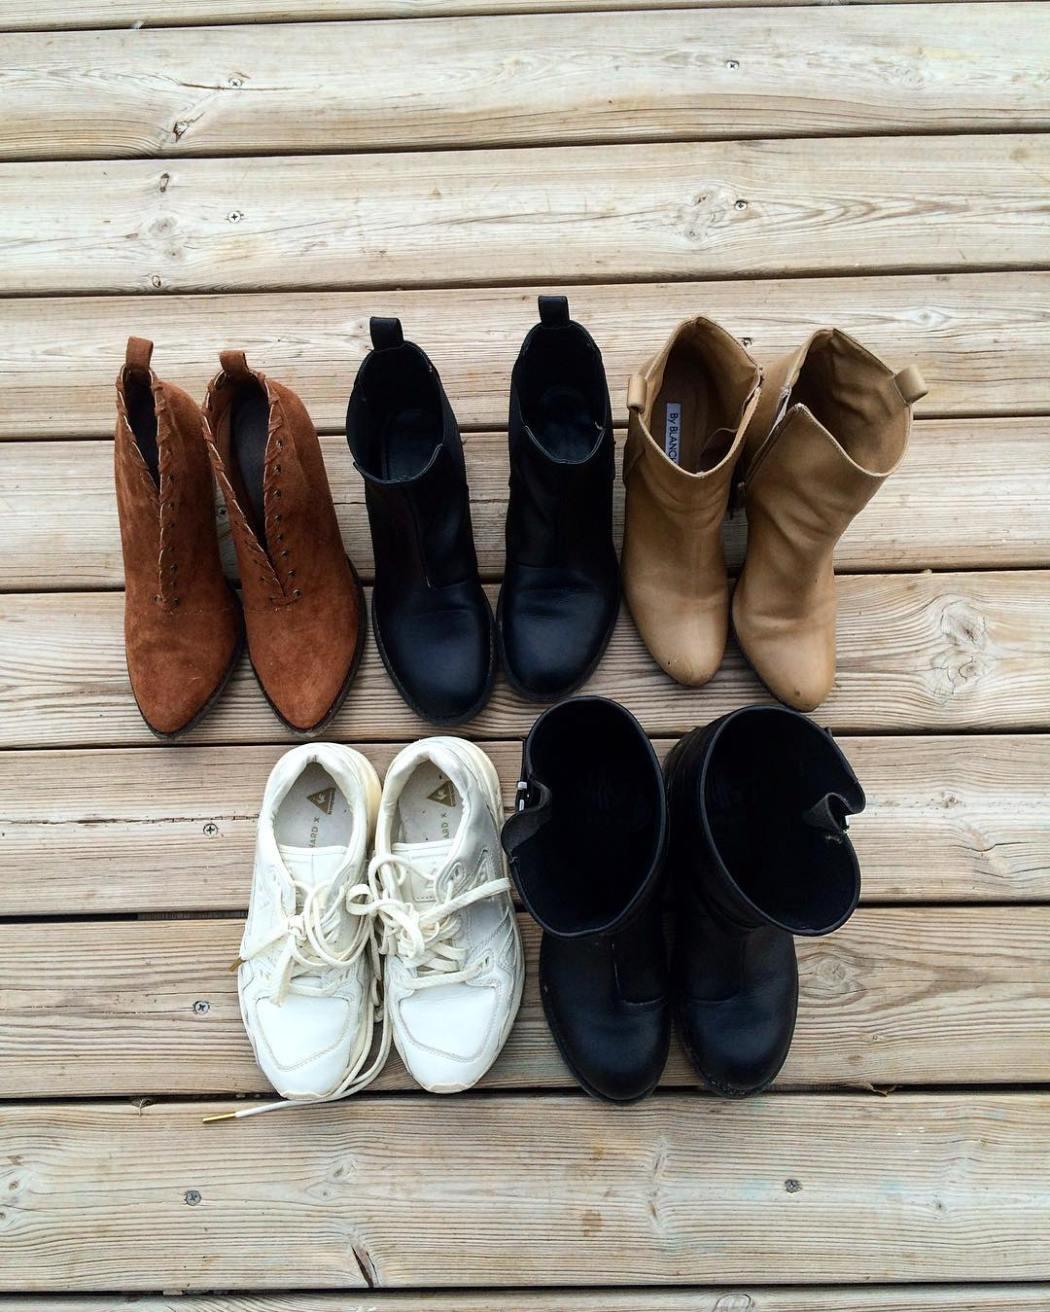 Le minimalisme est un mode de vie qui vise à cerner ses besoins pour aller à l'essentiel Combien de paires de chaussures constituent un shoesing minimaliste idéal ? Quels modèles ? Comment se passe la mise en pratique ? Pourquoi un shoesing minimaliste ? Retrouvez mes pistes de réflexion, conseils et ma sélection de chaussures pour épurer son dressing du côté des chaussures !